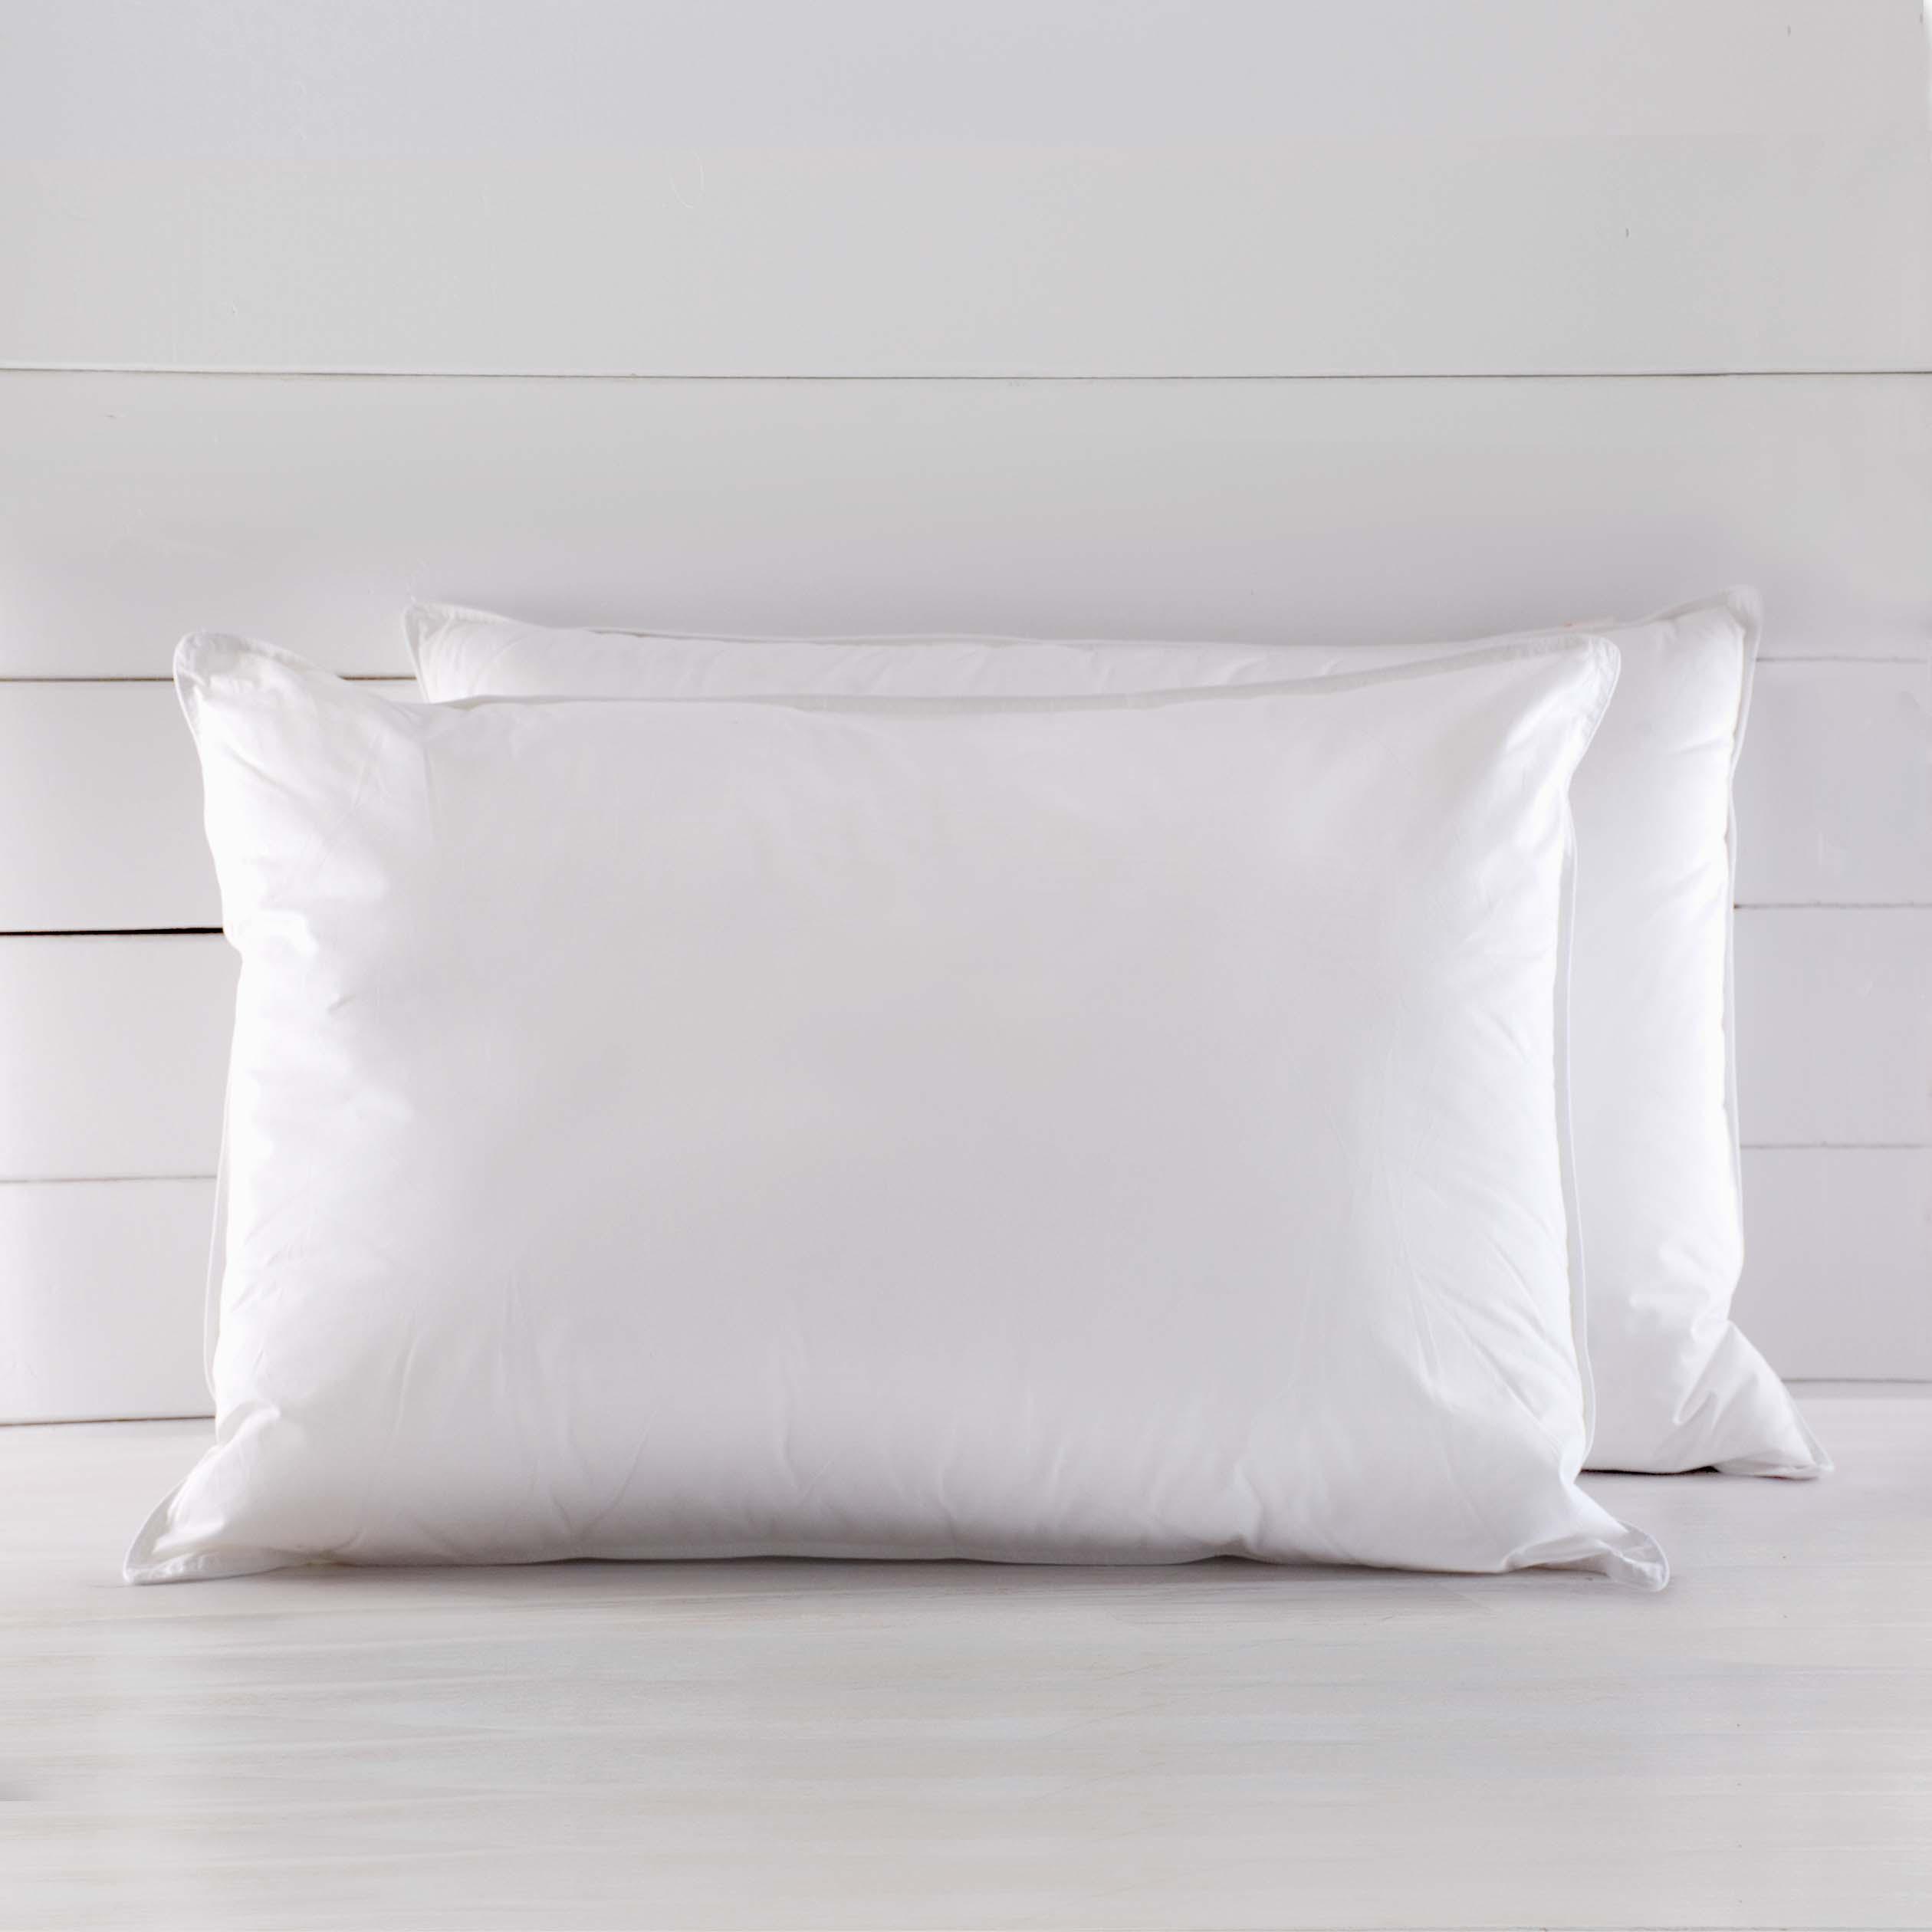 Μαξιλάρι ύπνου πουπουλένιο, RYTHMOS HOME υπνοδωματιο   μαξιλάρια ύπνου   μαξιλάρια πουπουλένια